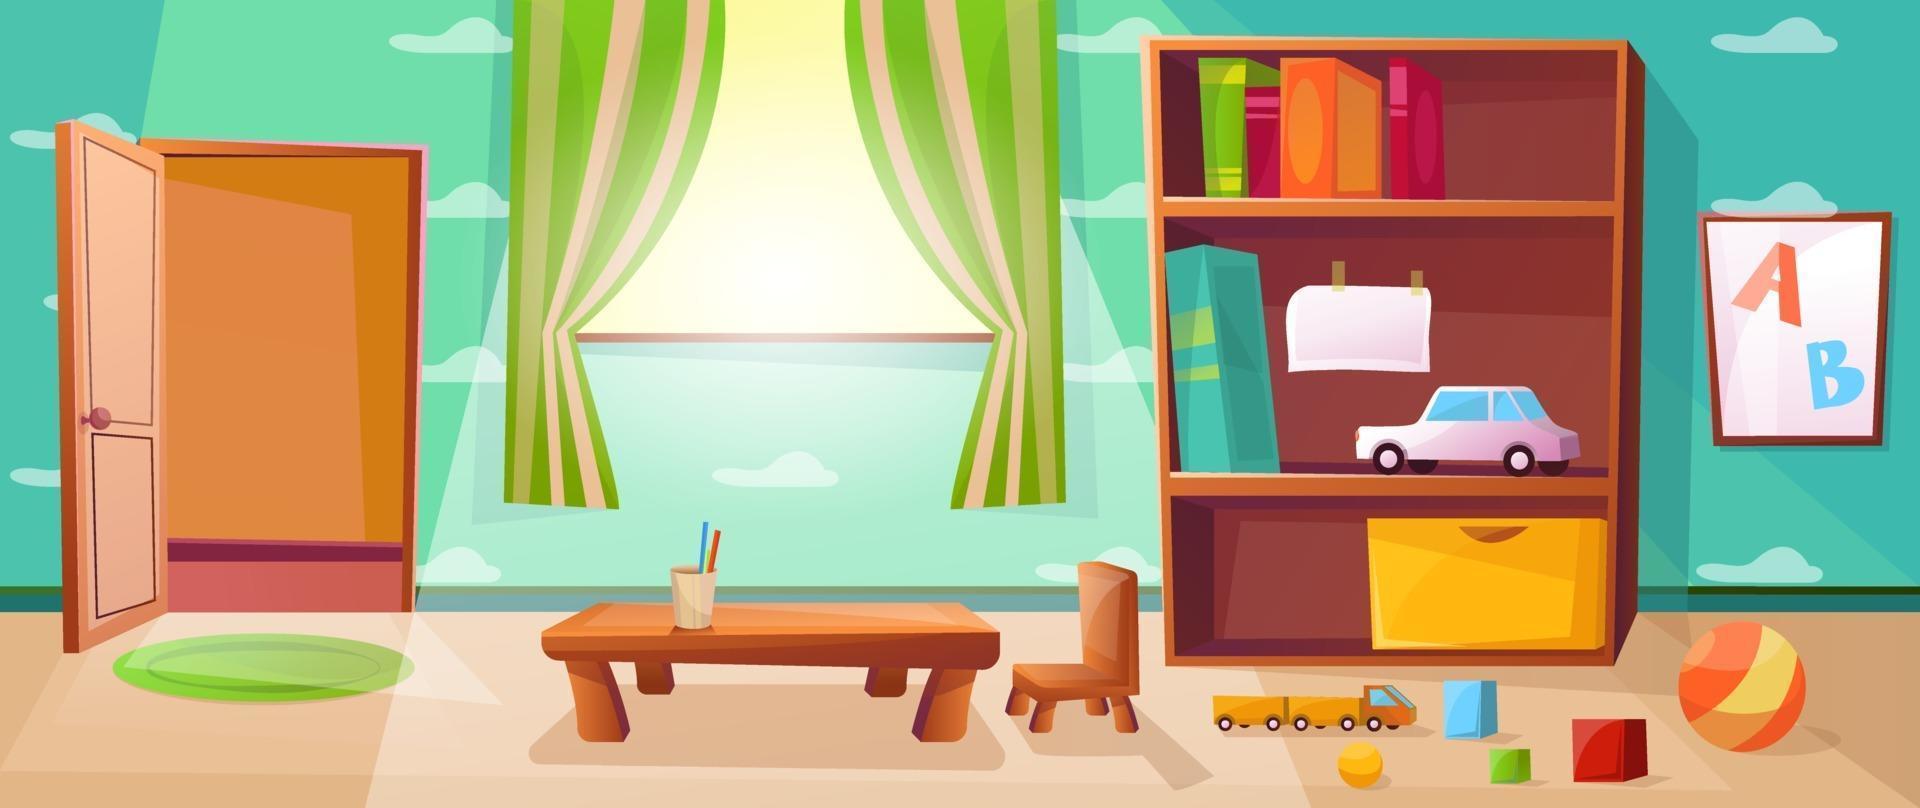 salle de jeux de la maternelle avec jeux, jouets, abc et porte ouverte. classe d'école primaire avec fenêtre et table pour enfants ou enfants. fond d'écran avec illustration de nuage. vecteur